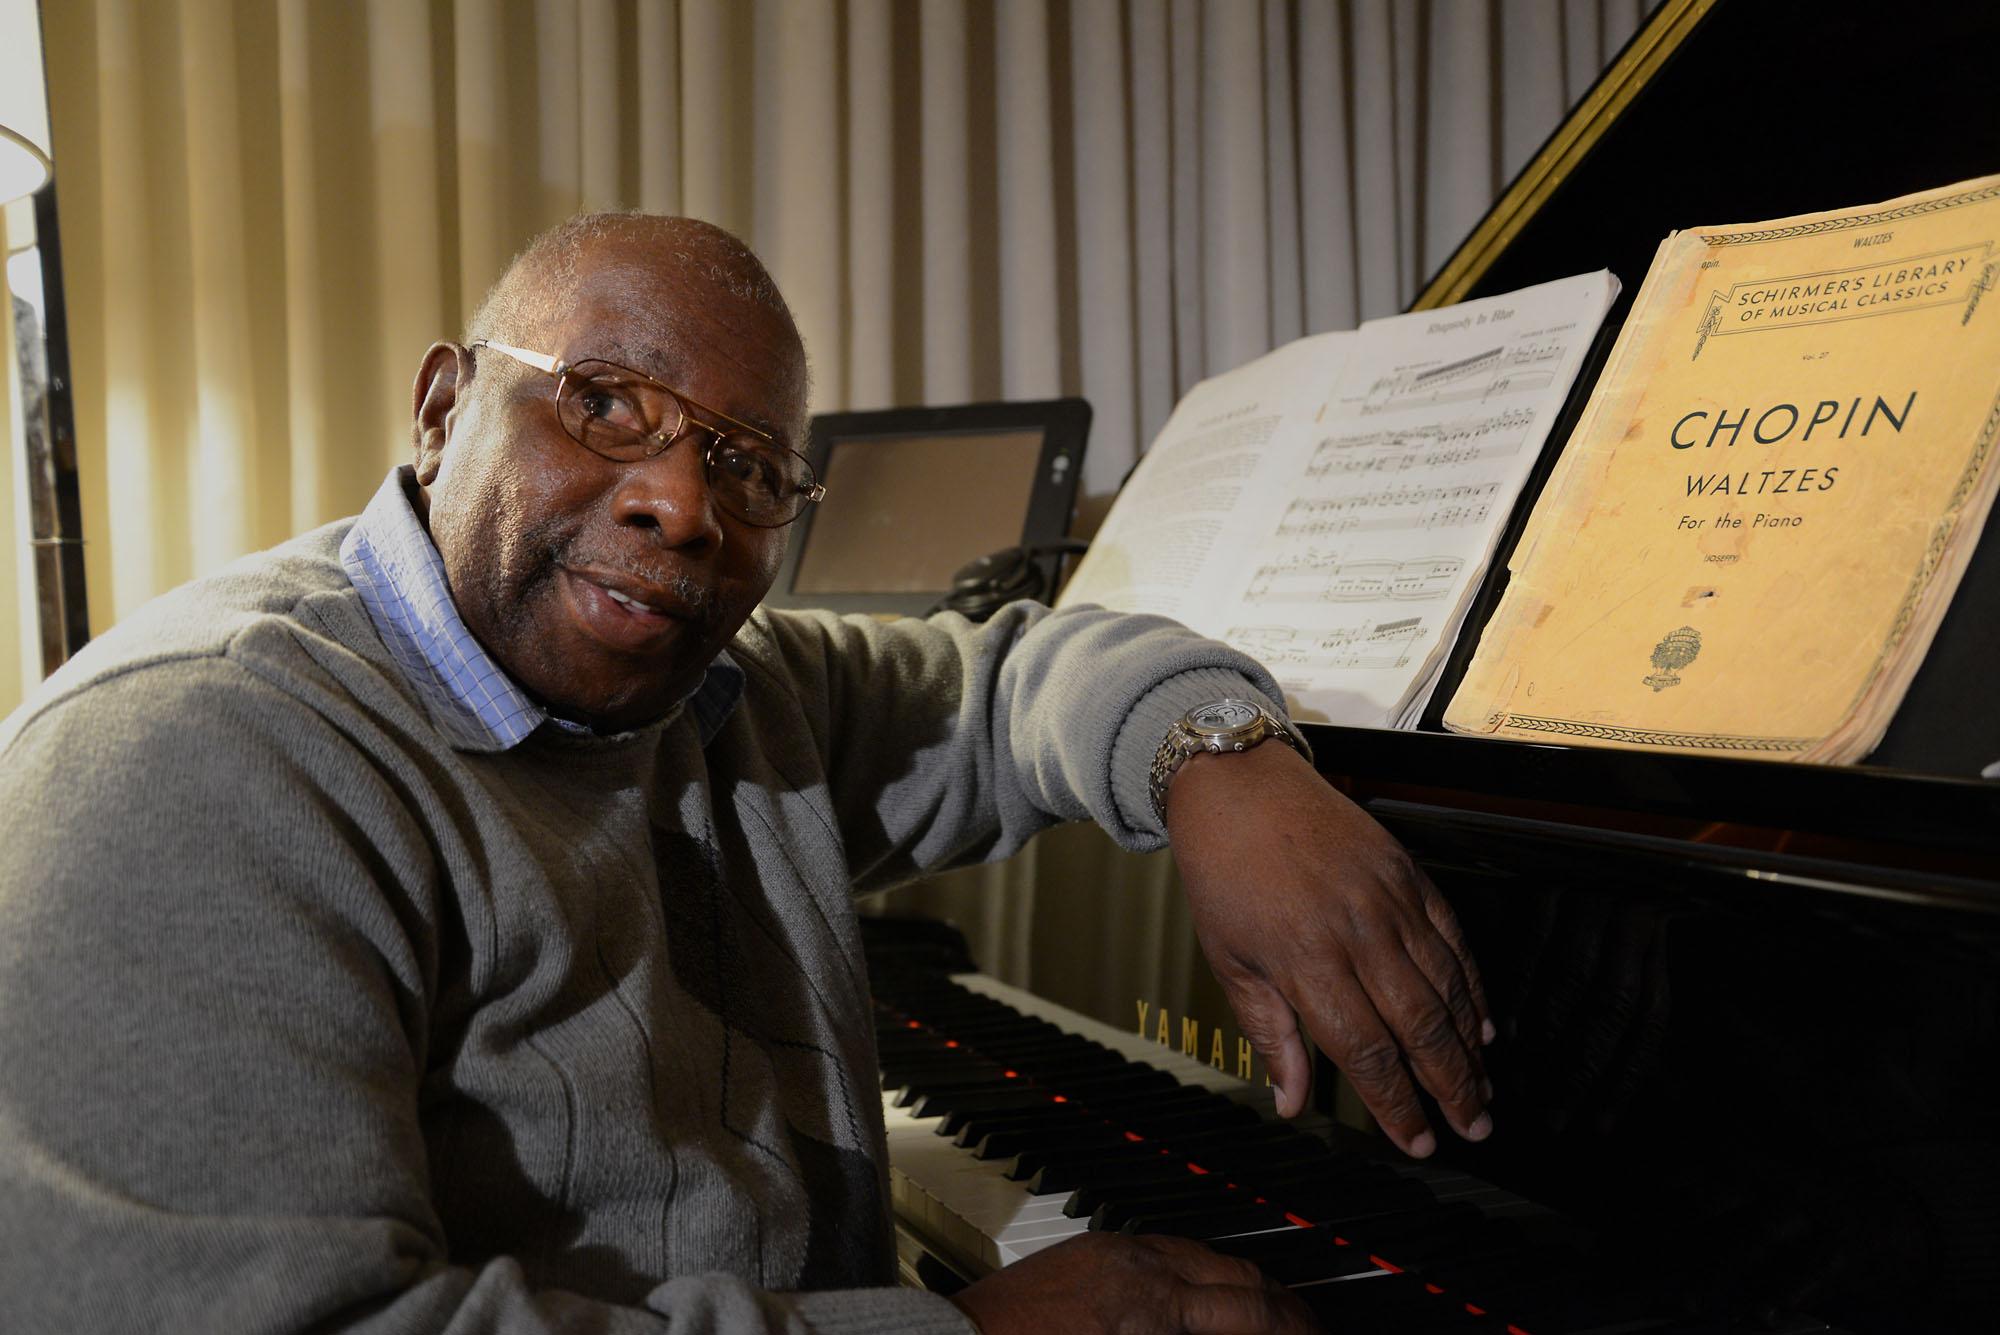 Photographie en couleurs, d'un homme noir assis devant un piano. Sur le piano est posée une partition de Chopin.